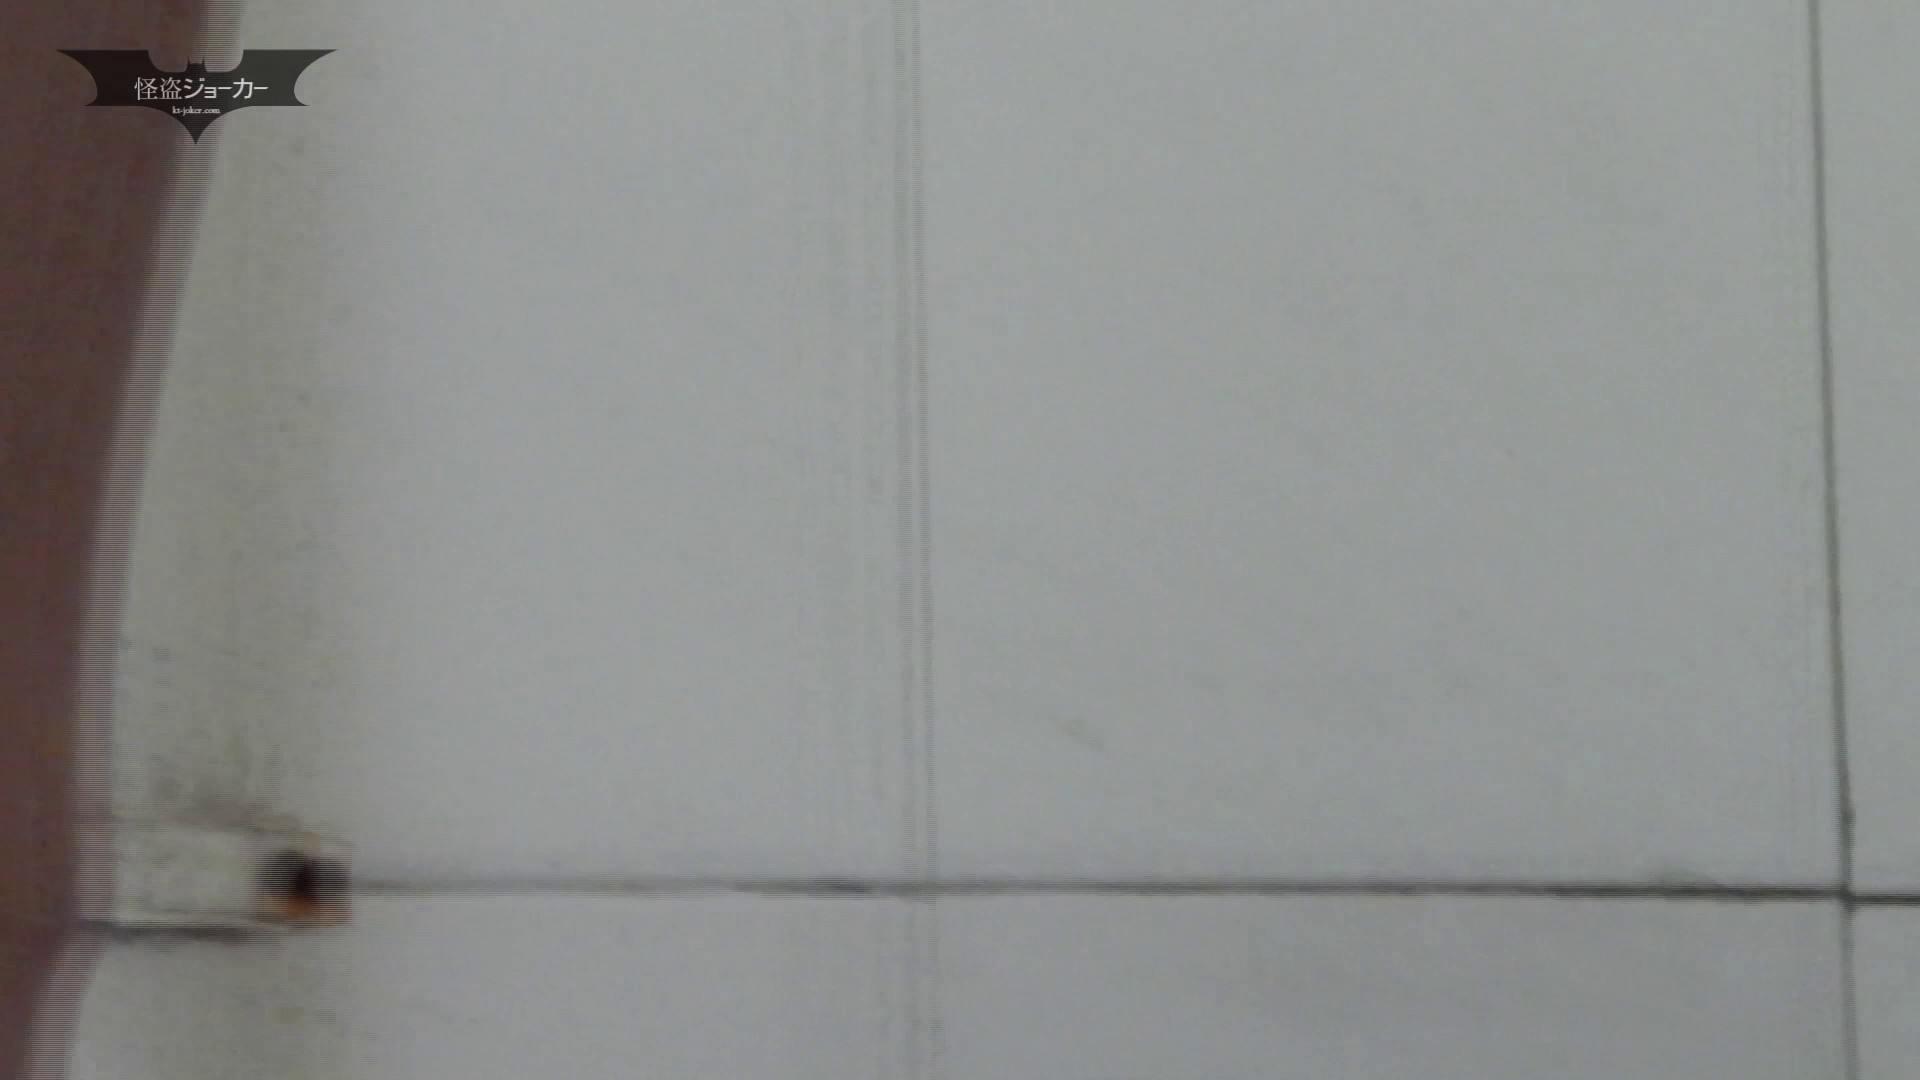 下からノゾム vol.032 走って追跡、そして、カメラ見られ大ピンチ 高画質 AV無料 90枚 19